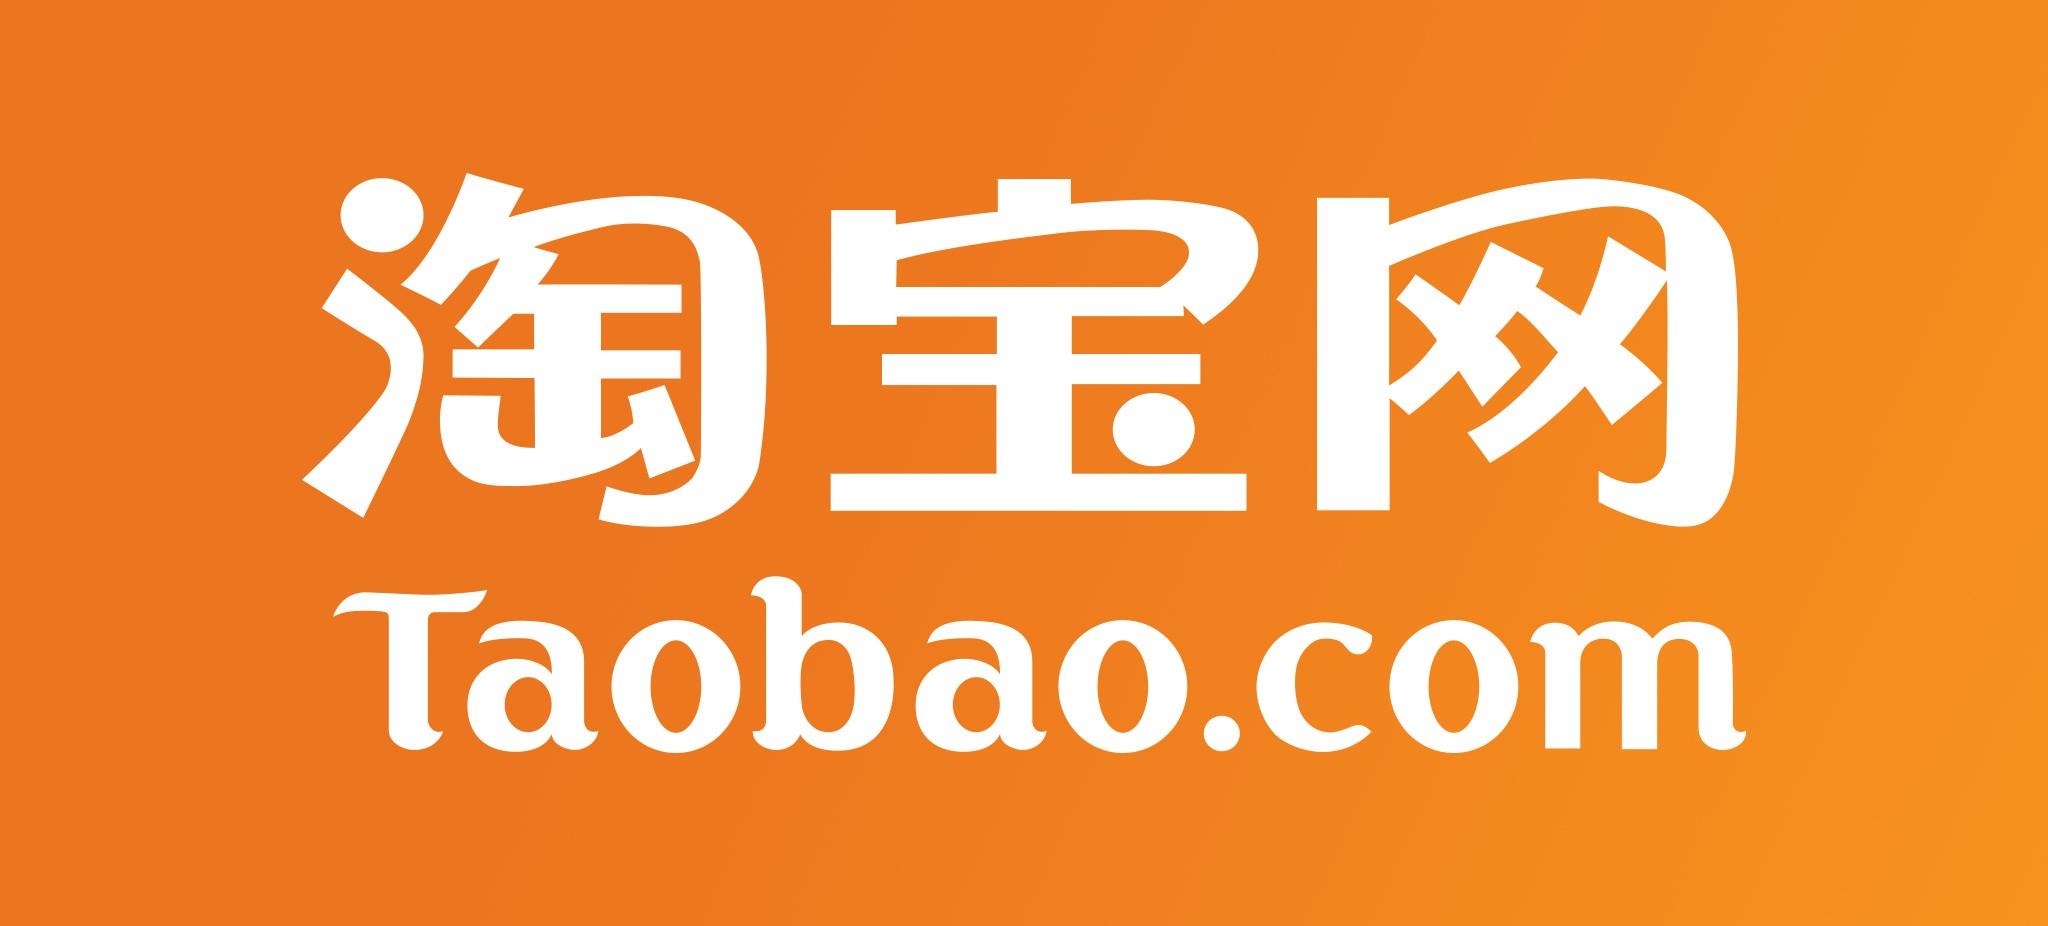 Có nên mua hàng taobao